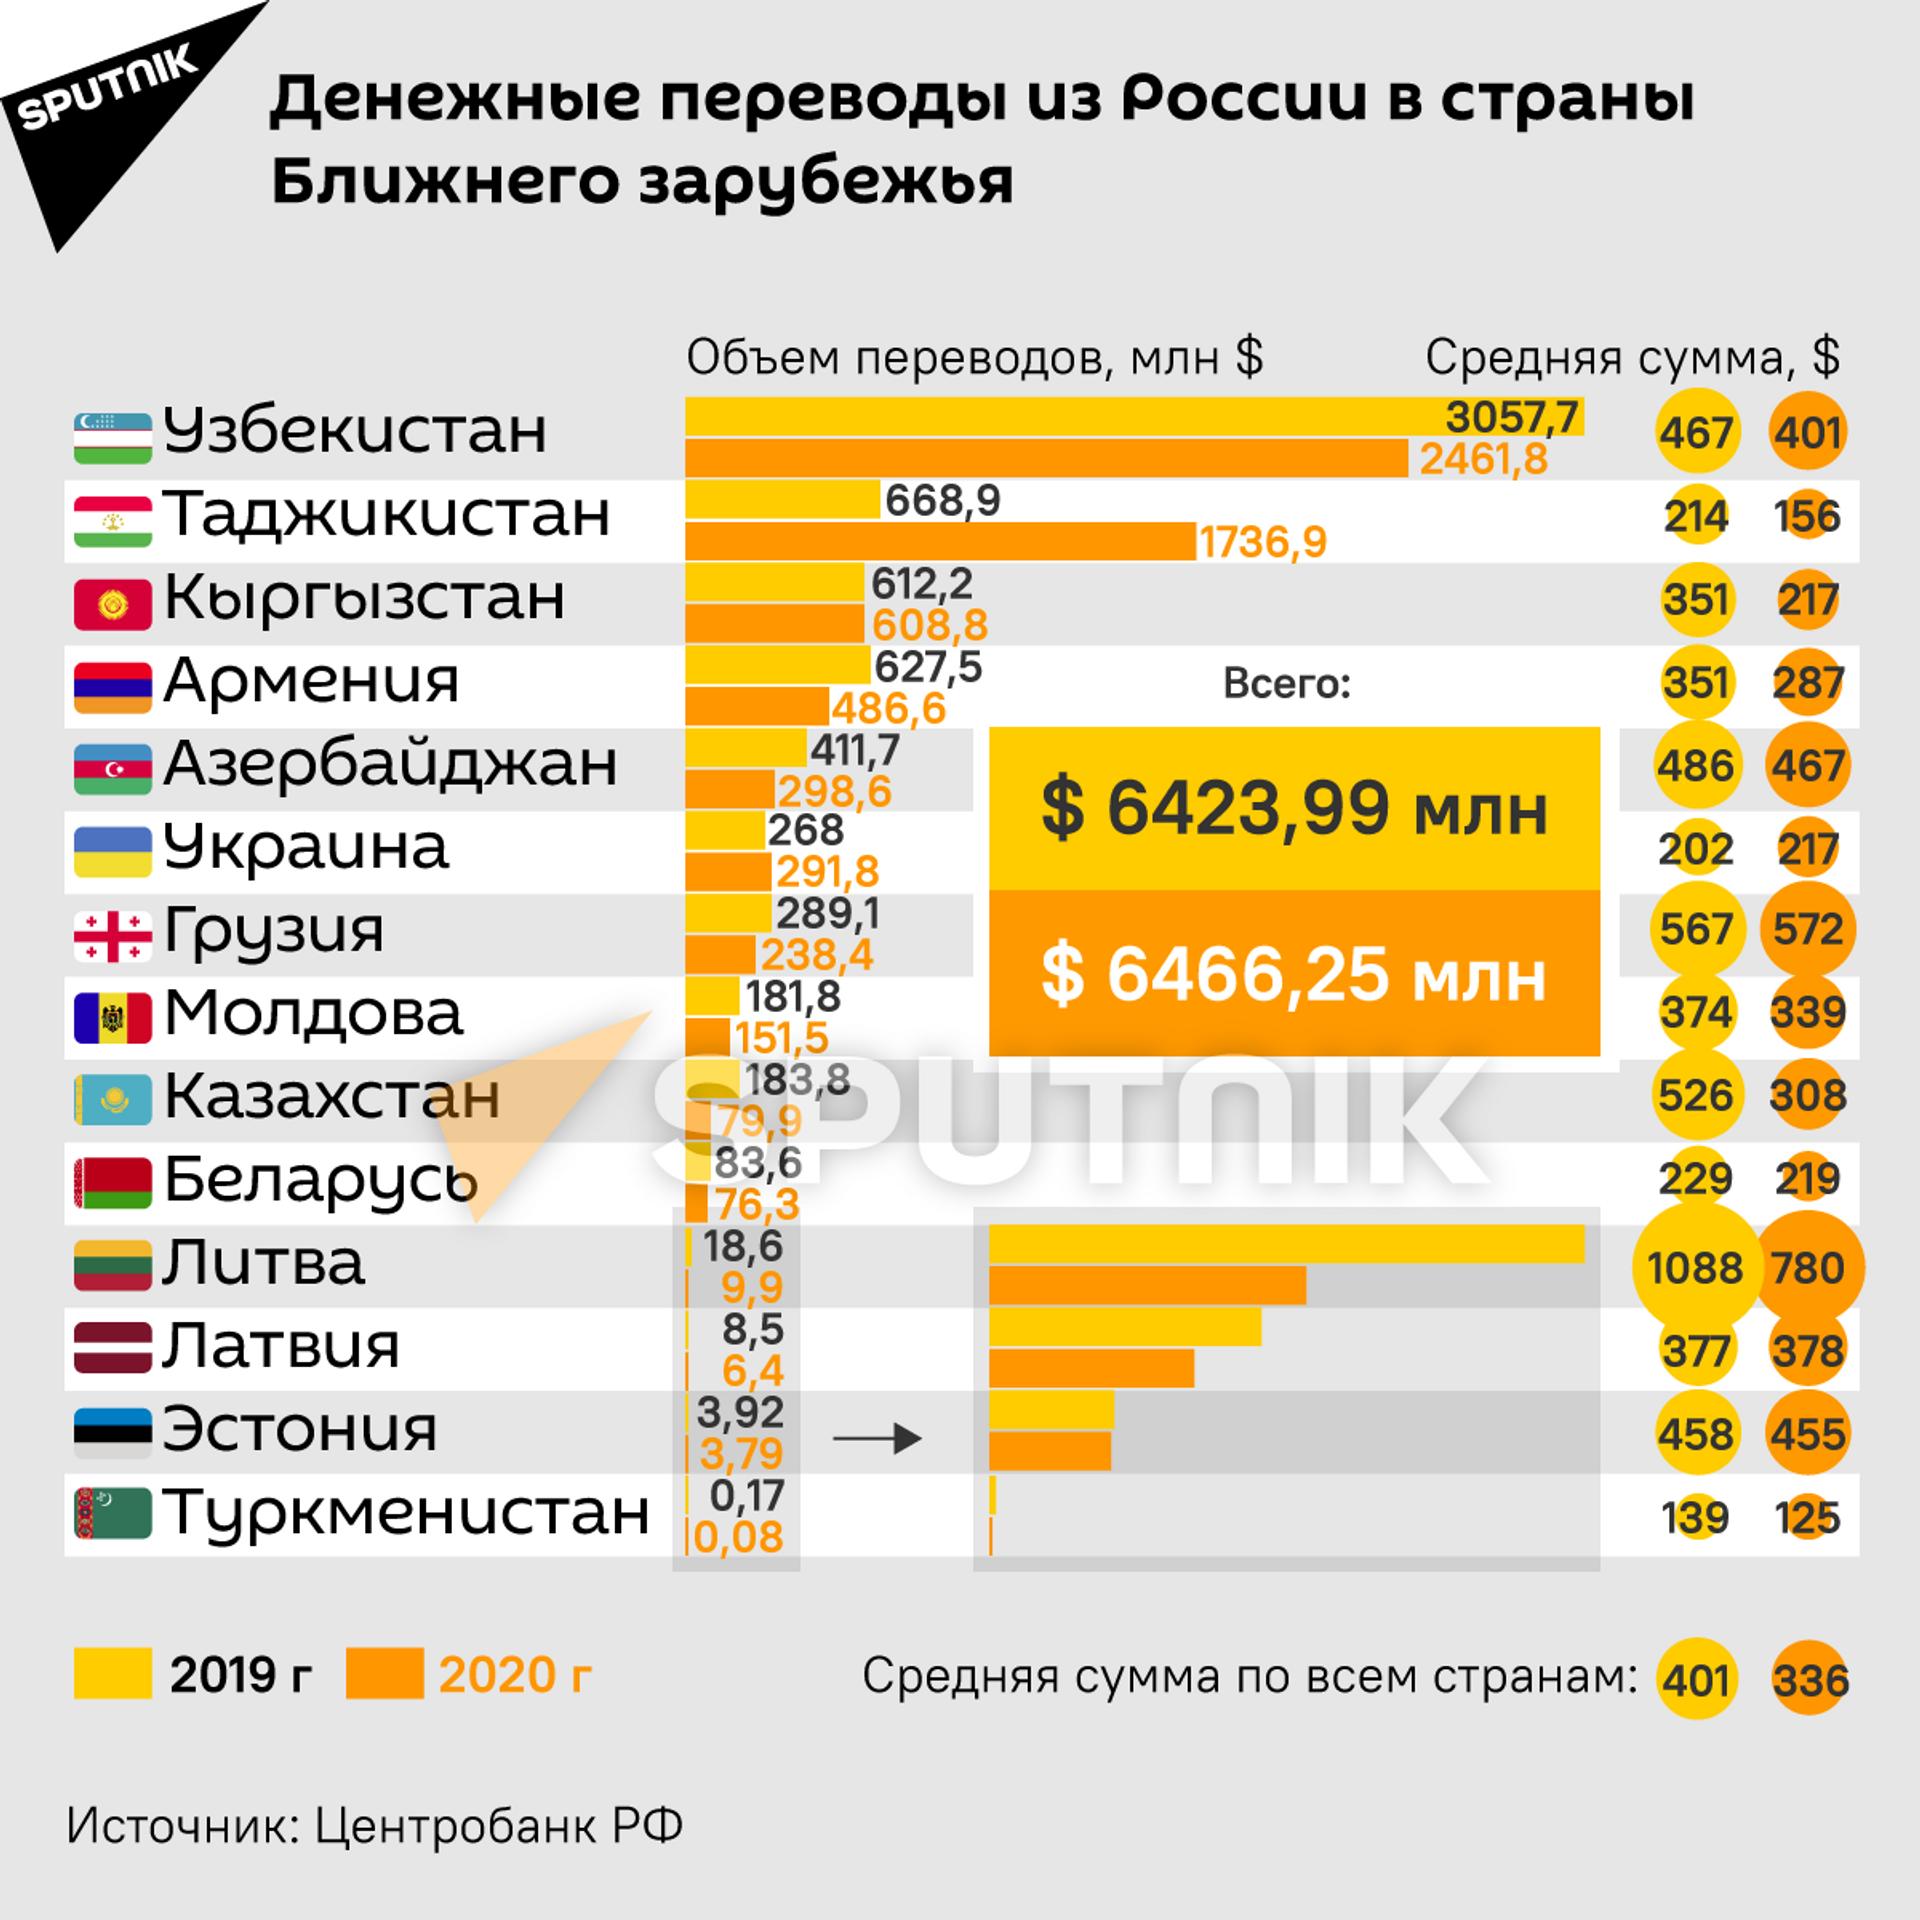 Денежные переводы из РФ – самые выгодные в мире. Как мигранты спасают экономики стран СНГ - Sputnik Грузия, 1920, 17.05.2021